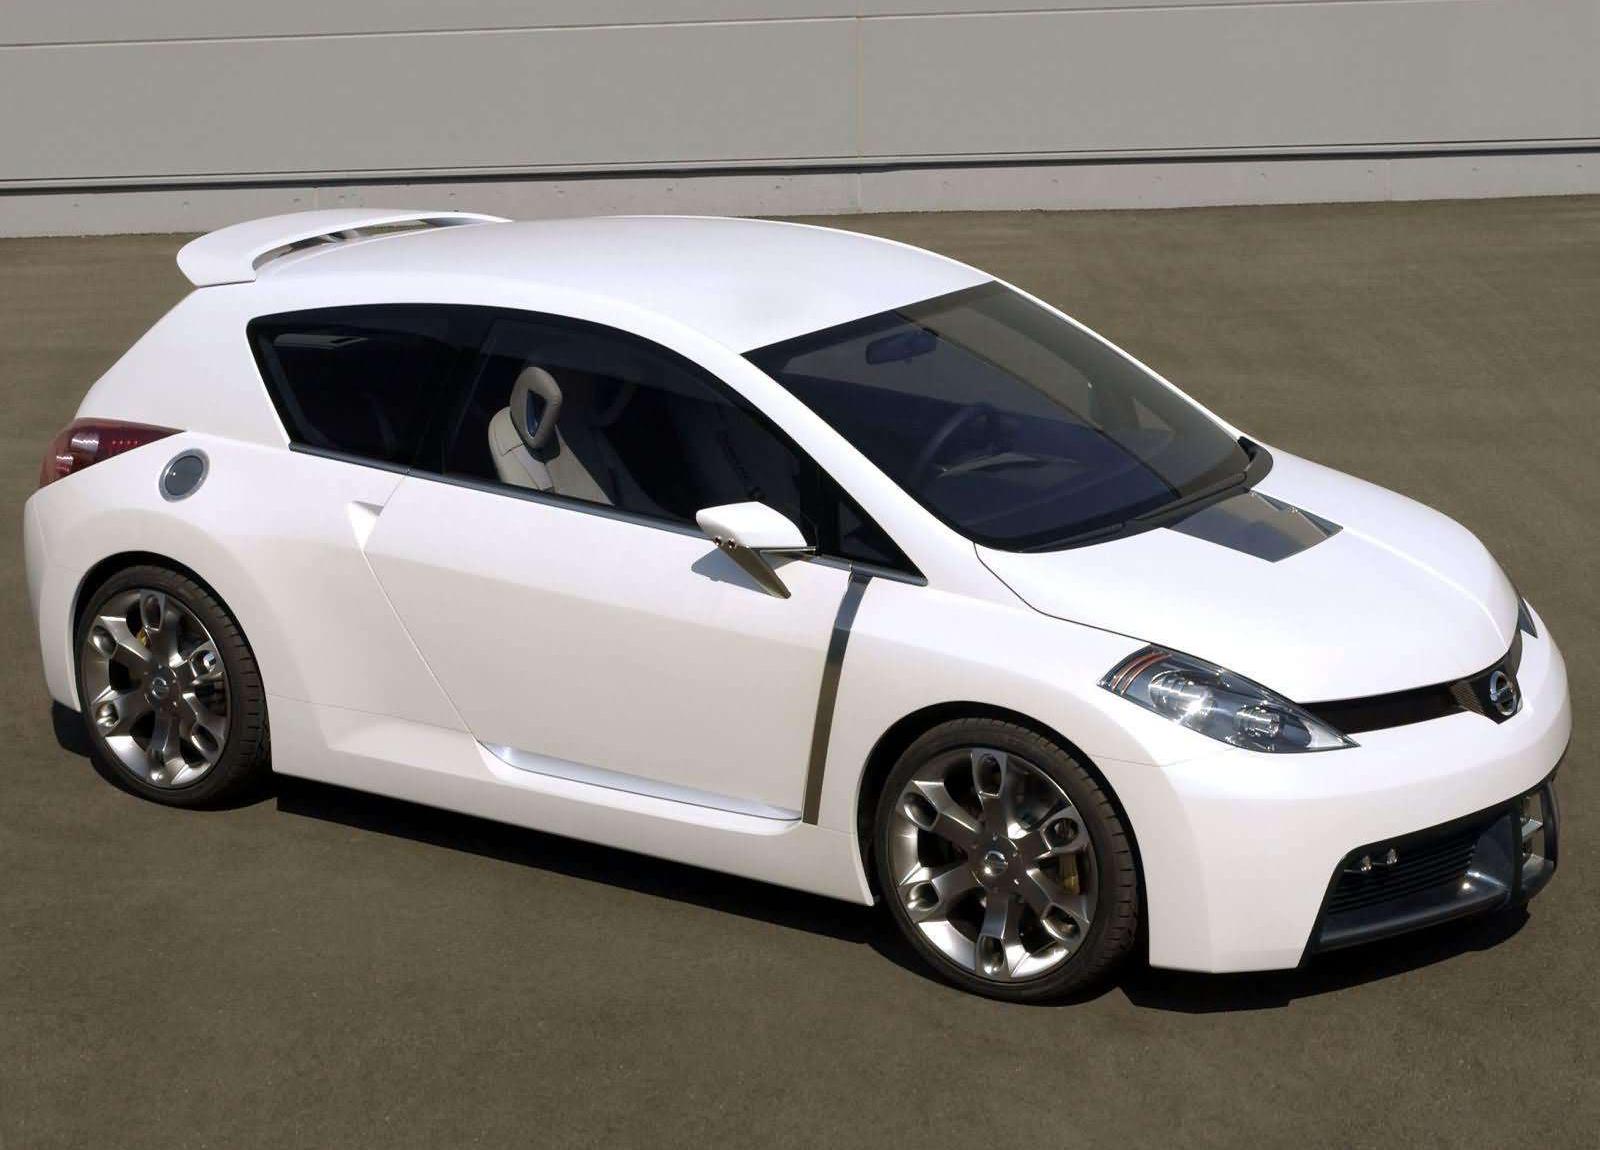 Nissan Sport Concept photo #1